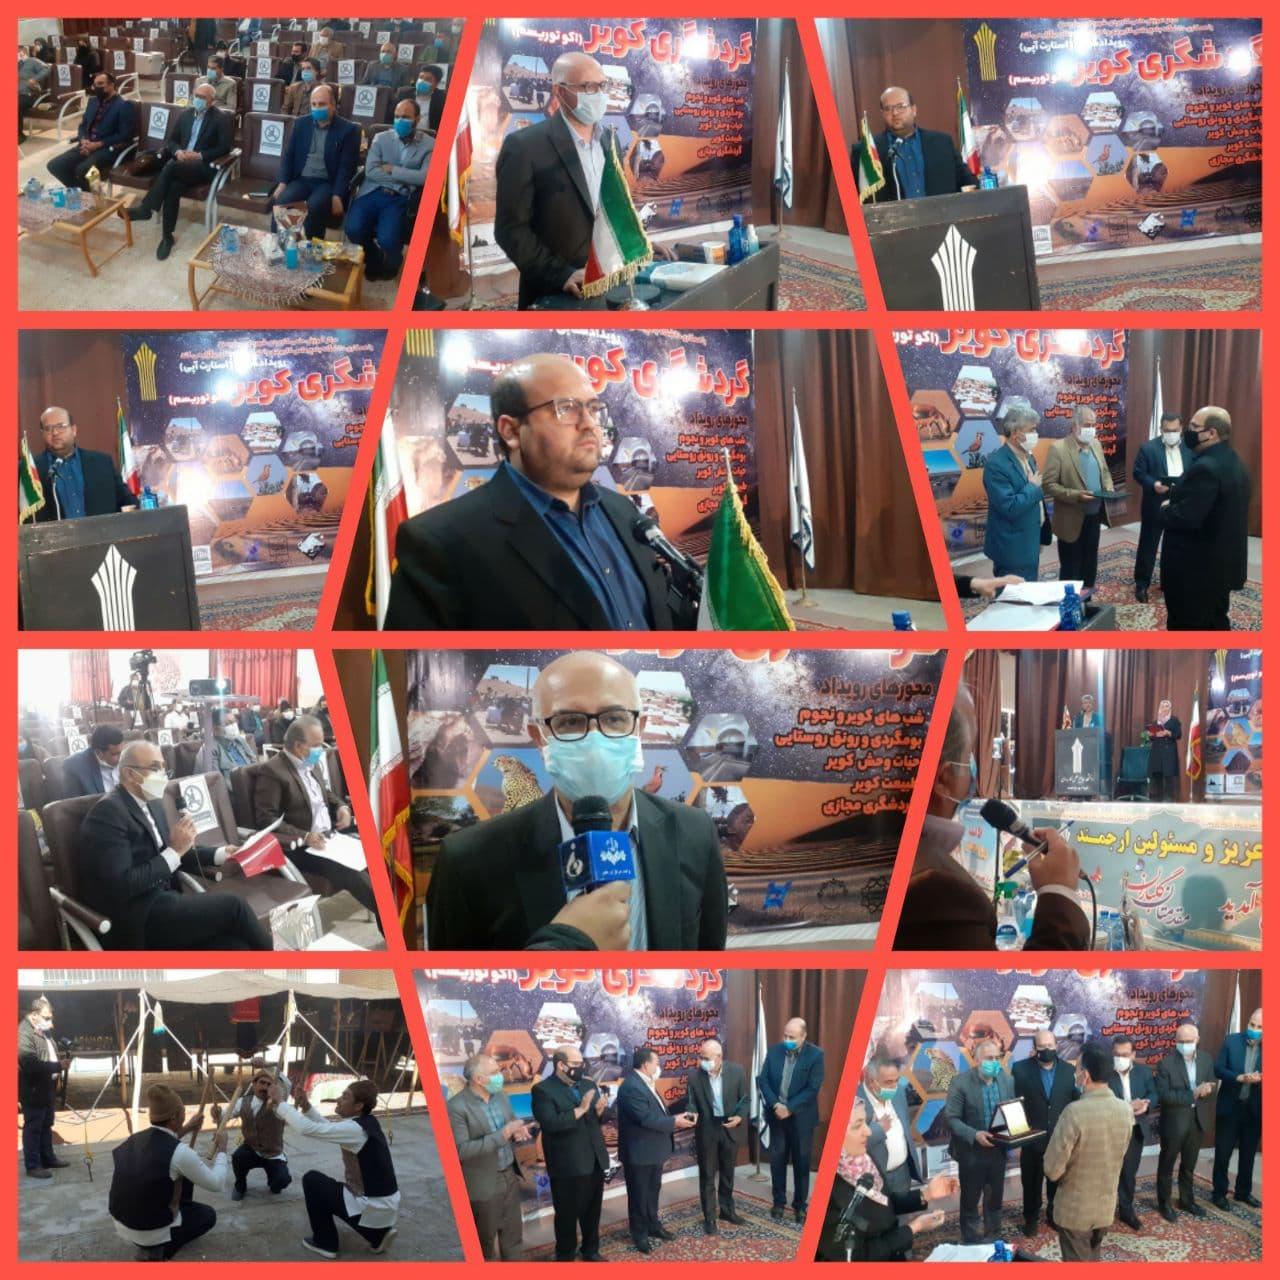 برگزاری رویداد شتابی گردشگری کویر در بیارجمند